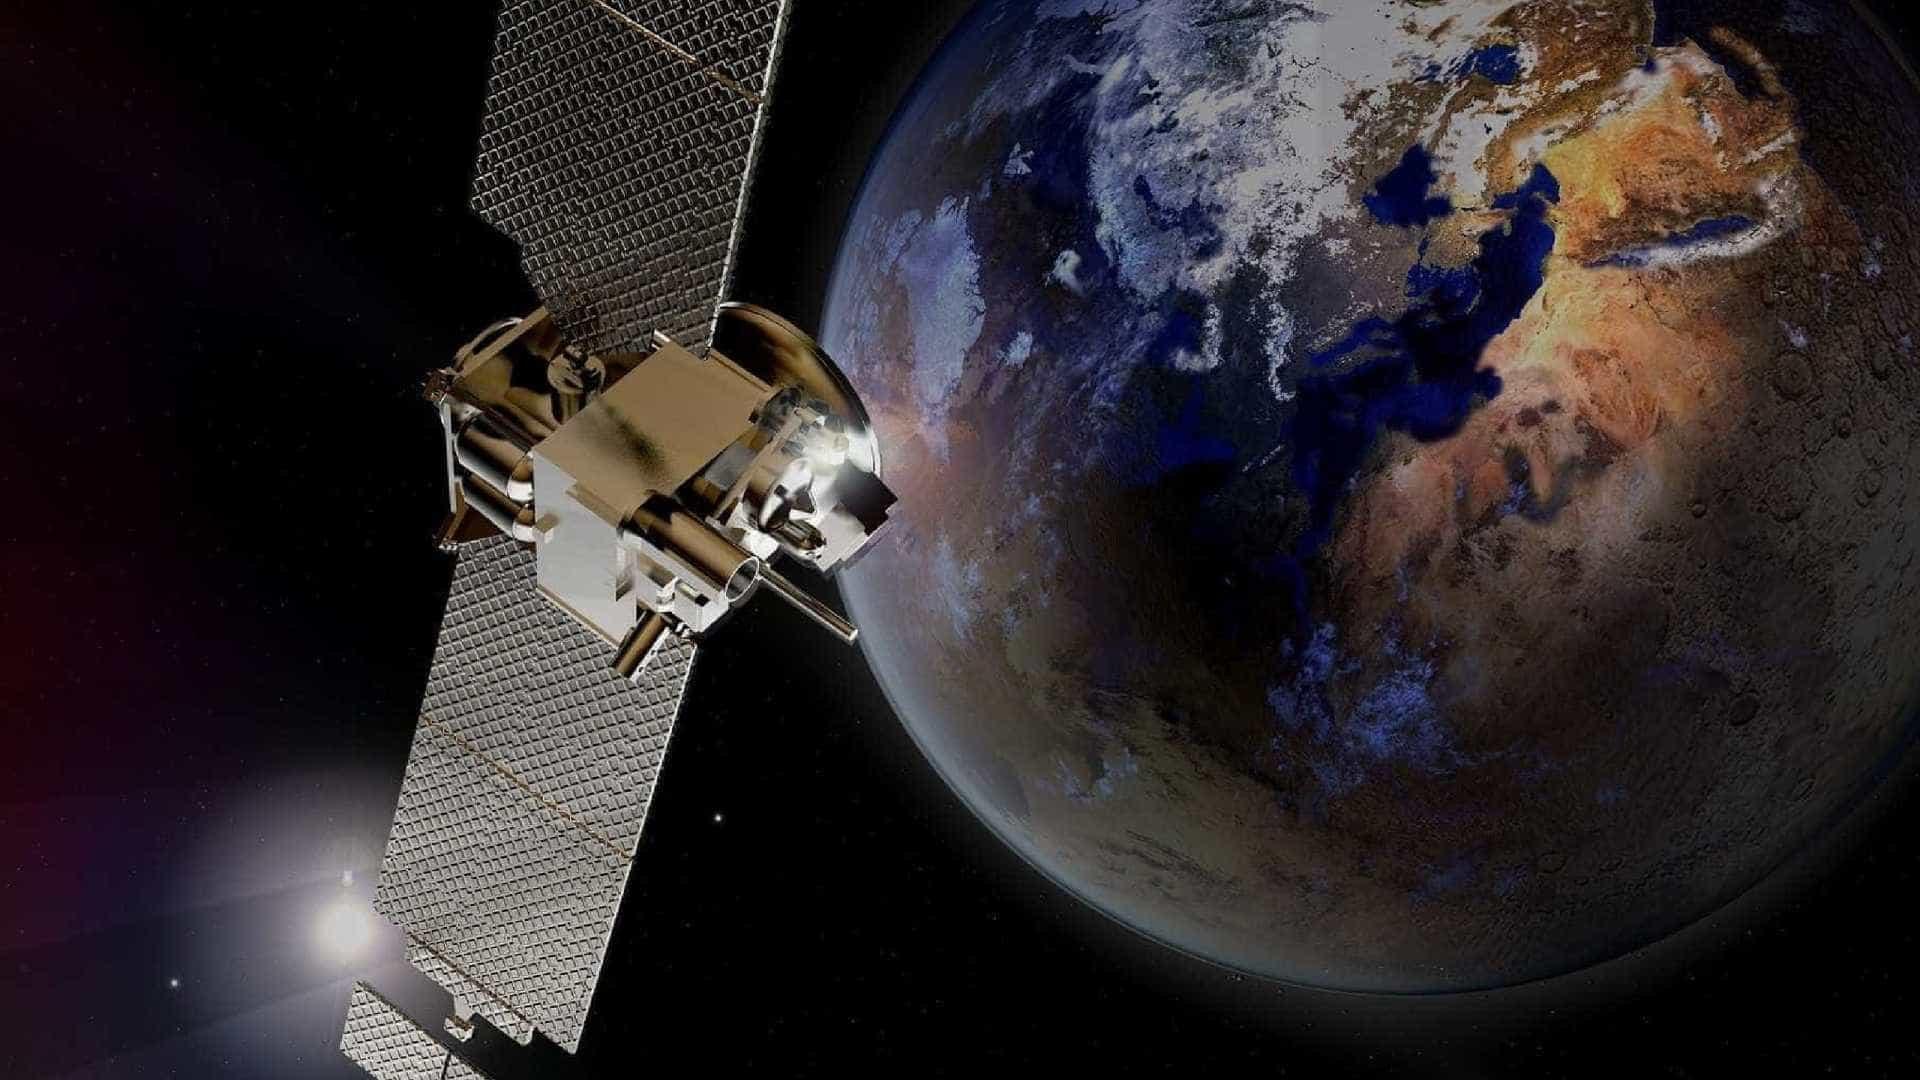 Cinco sites para acompanhar a queda da Estação Espacial ao vivo